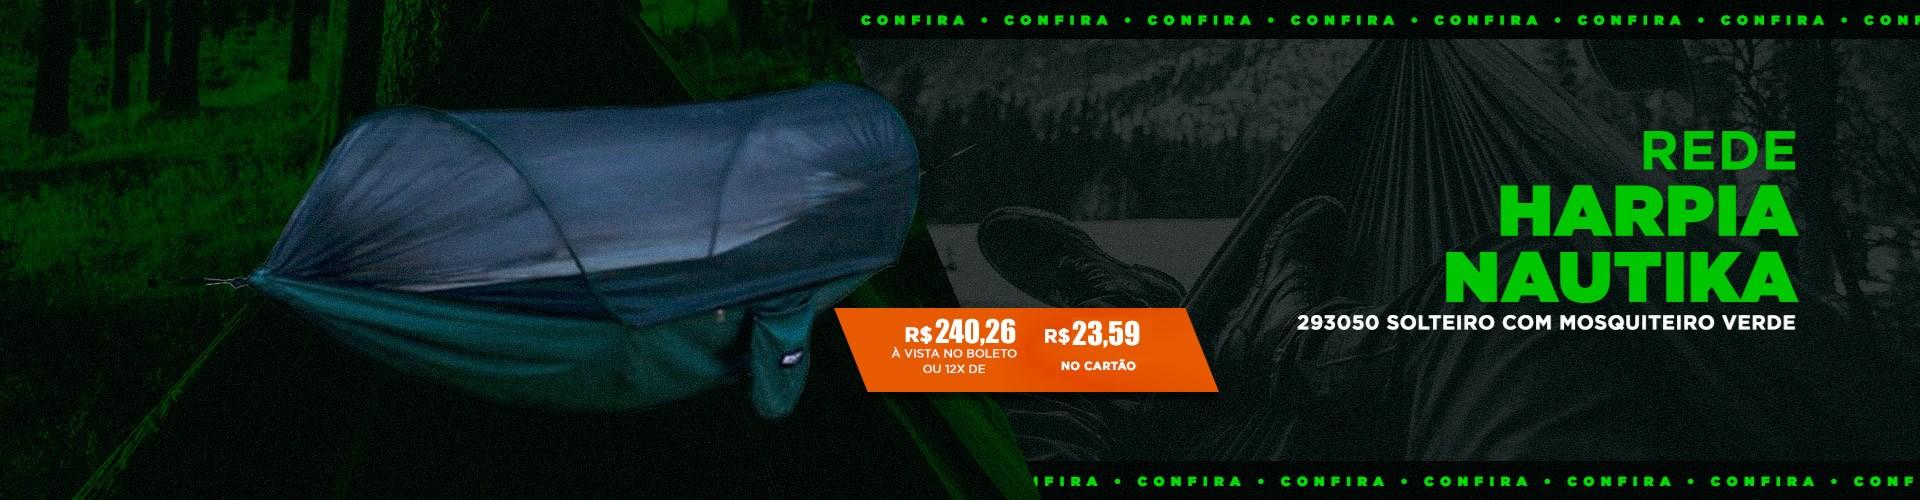 Rede Harpia Nautika 293050 Solteiro com Mosquiteiro Verde